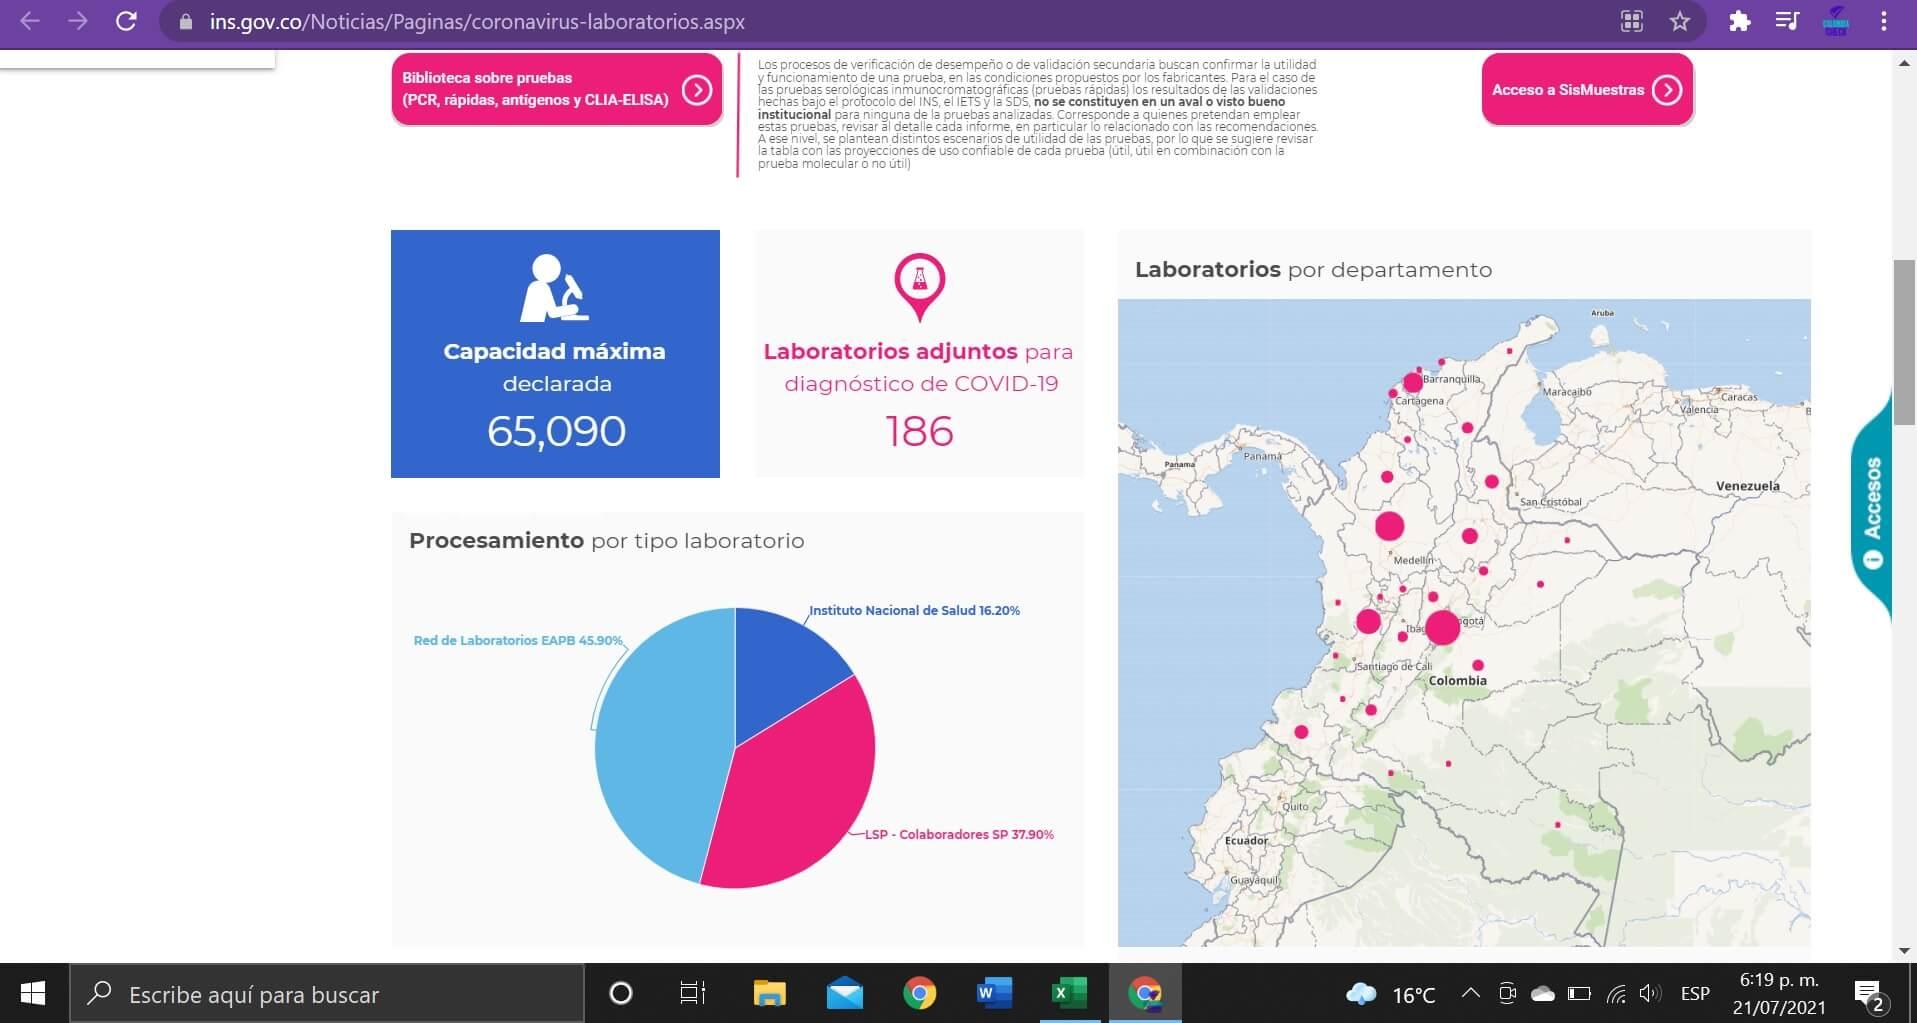 Pantallazo de tablero del INS sobre laboratorios para pruebas COVID al 21/07/2021